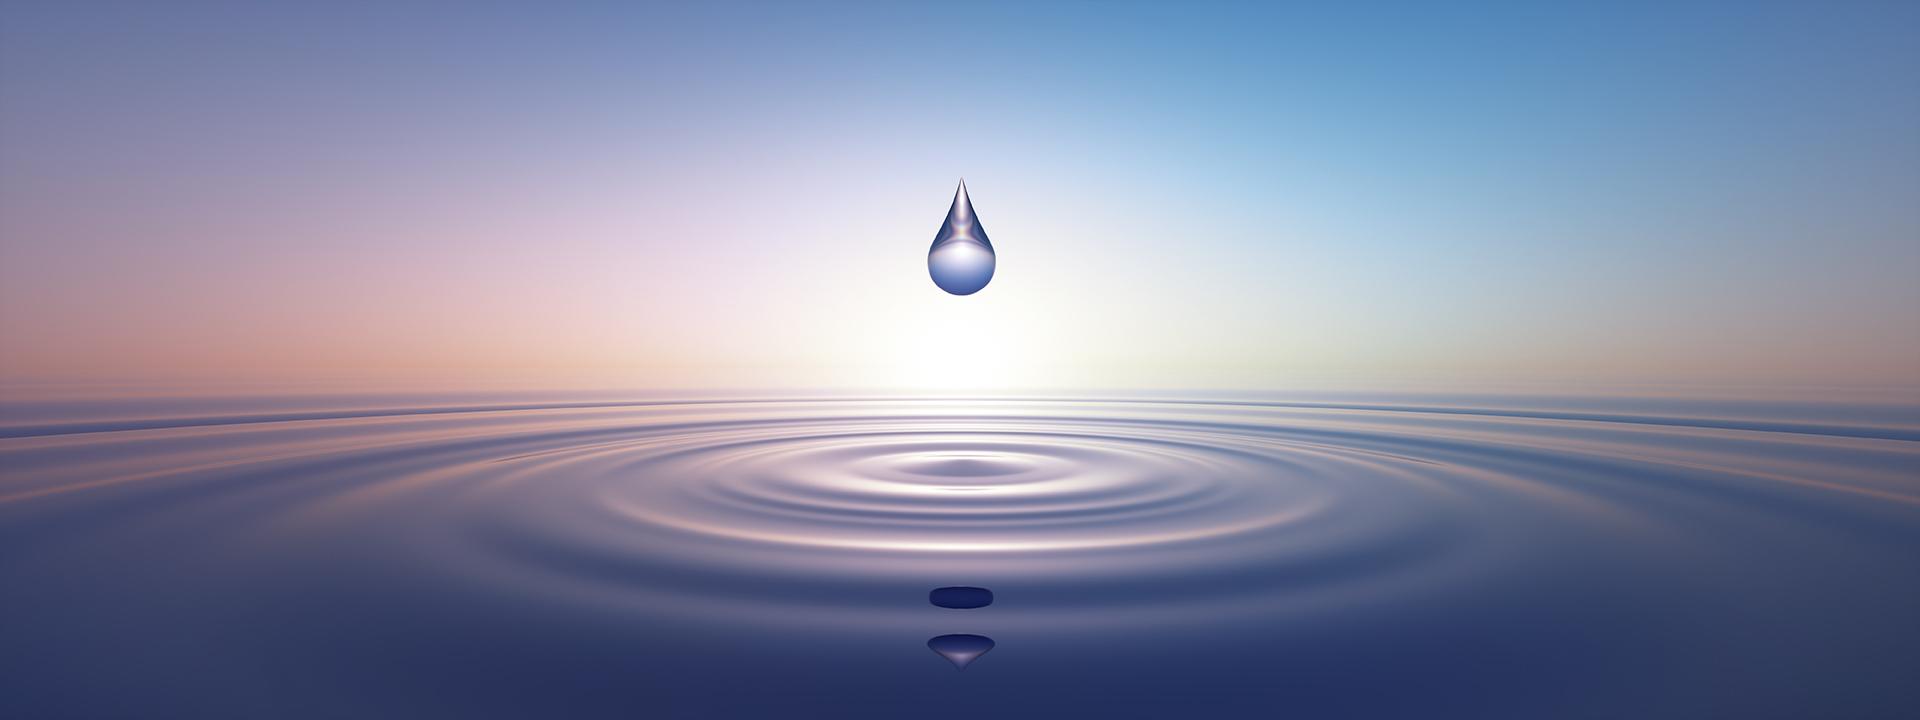 Seelenansicht Wassertropfen Lebensmagie